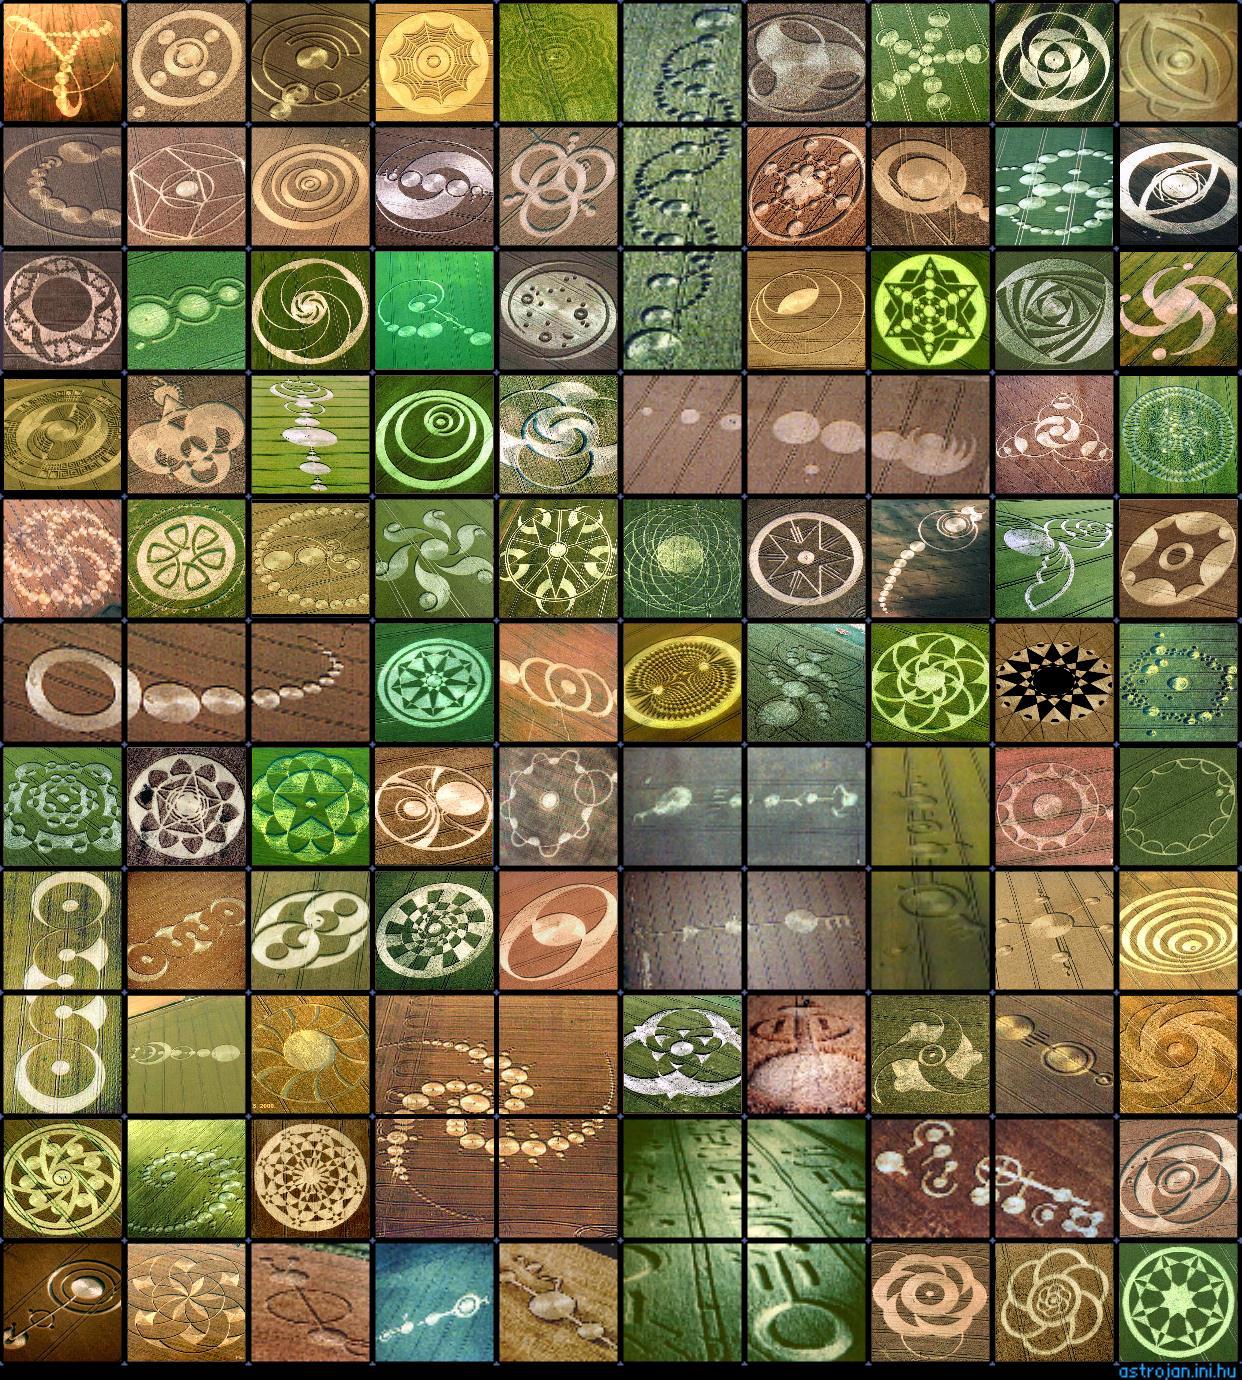 Patiesība par apļiem labības laukos | The Truth Behind... The Crop Circles (2010)